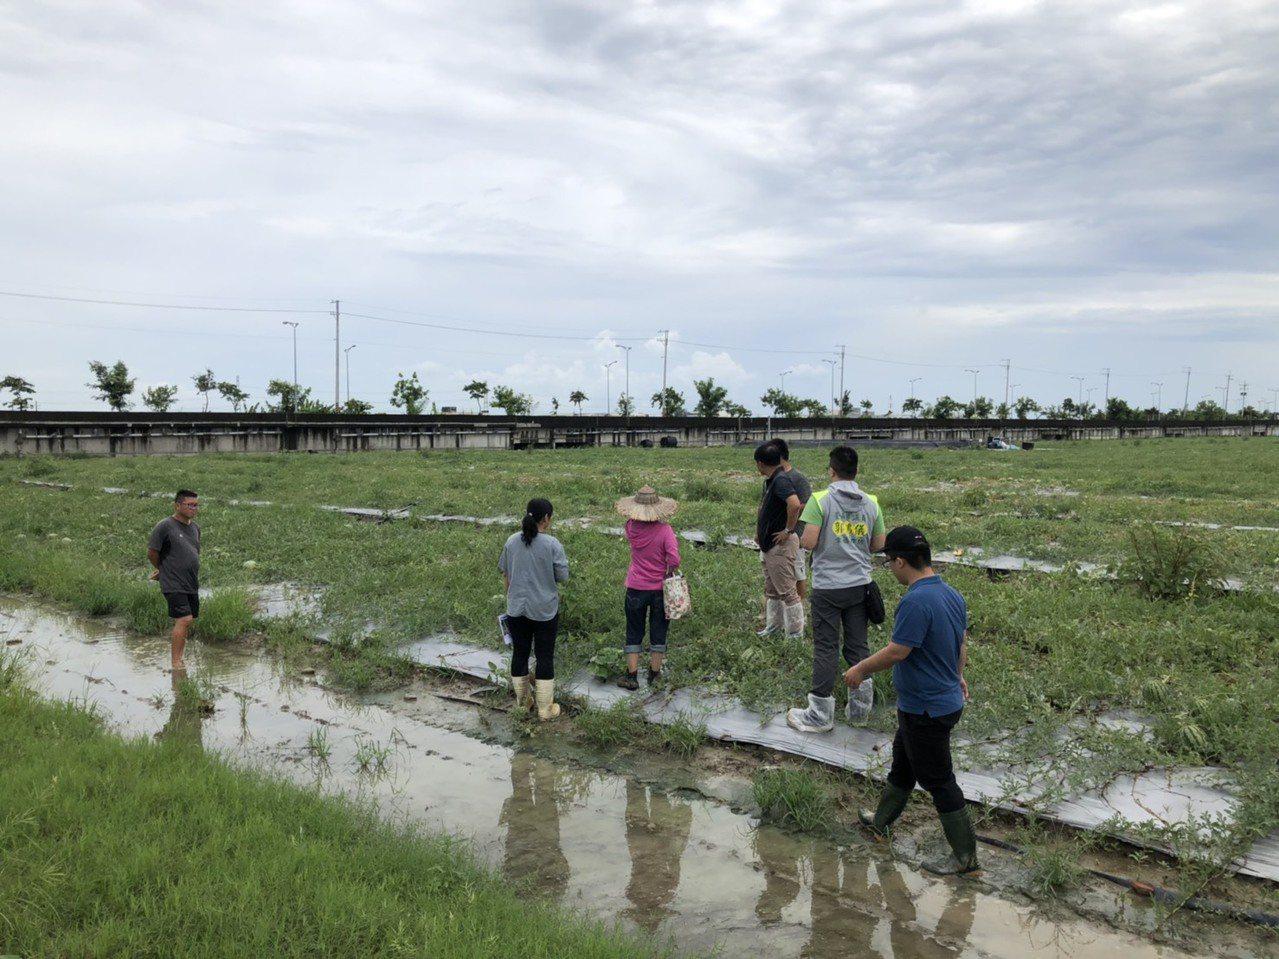 近日降雨頻頻釀災, 台南仁德歸仁部分瓜果受損逾2成達現金救助標準。圖/農業局提供